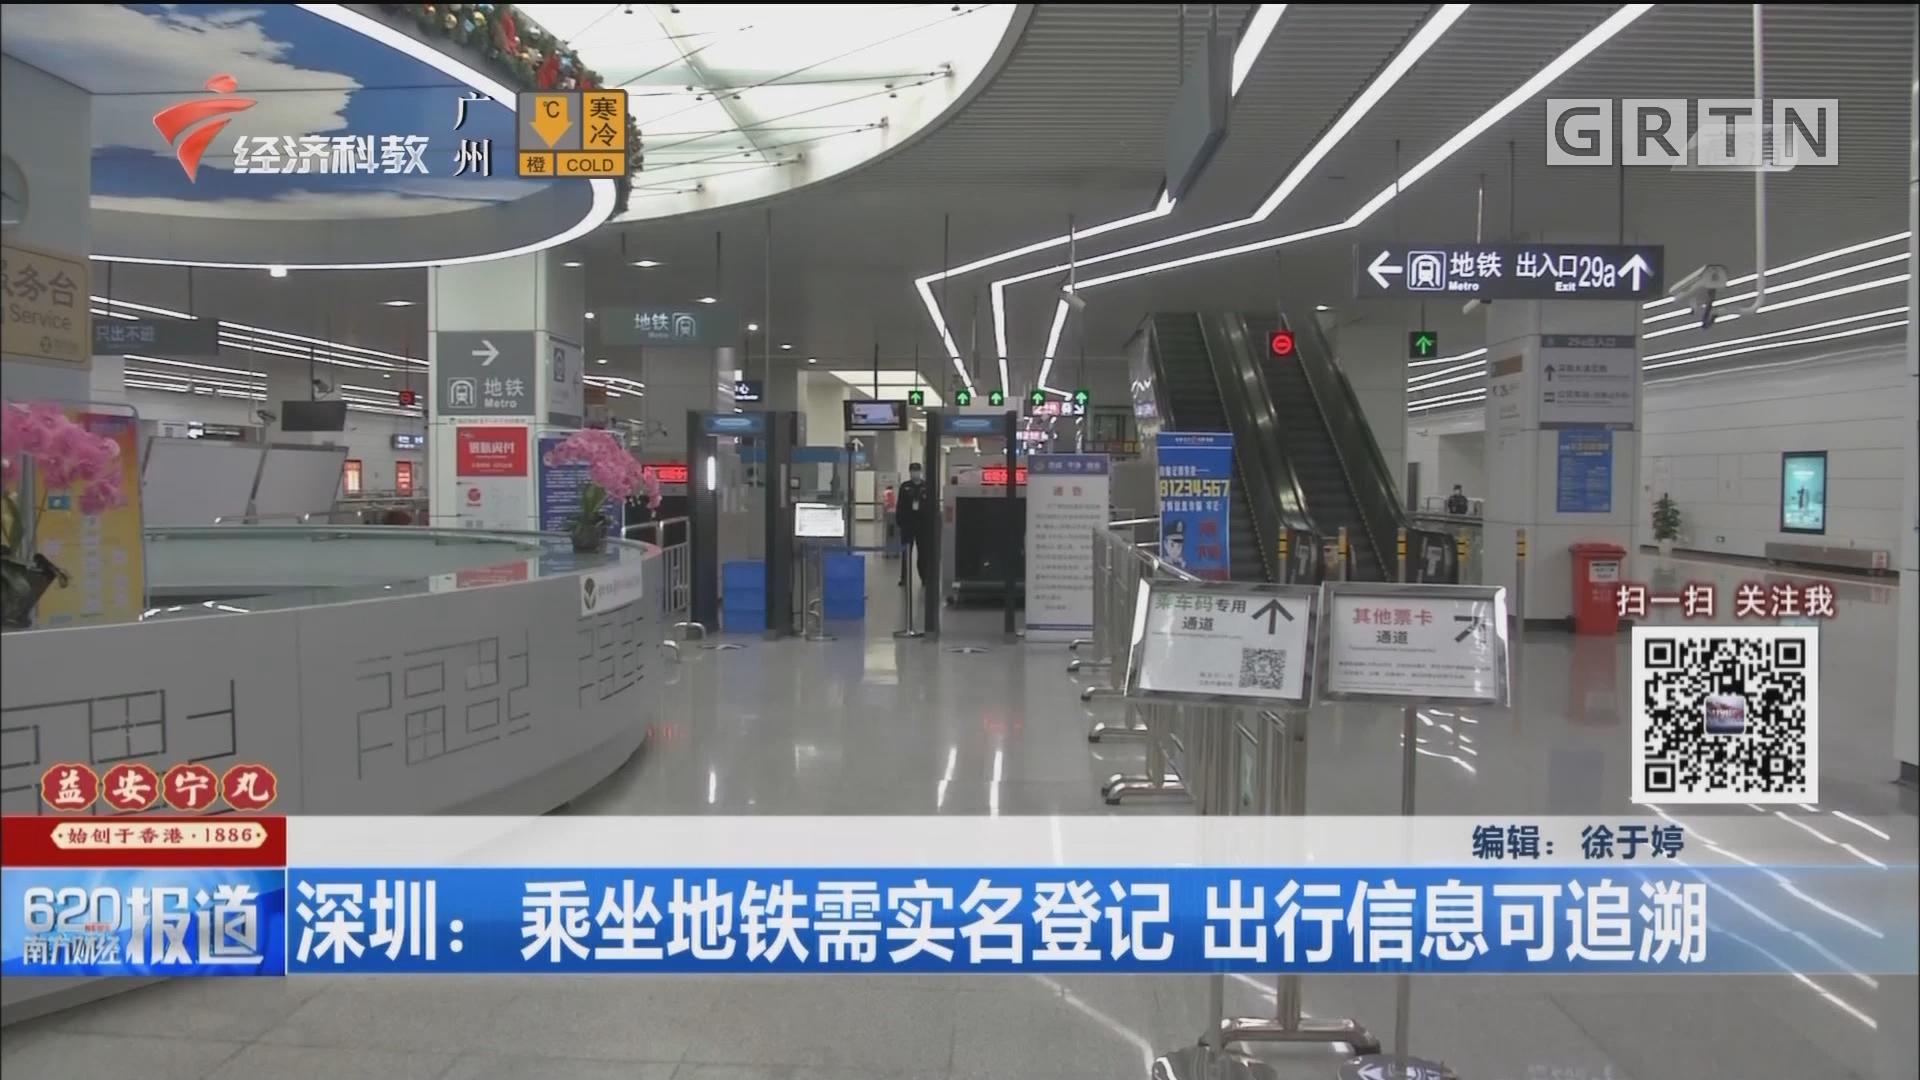 深圳:乘坐地鐵需實名登記 出行信息可追溯